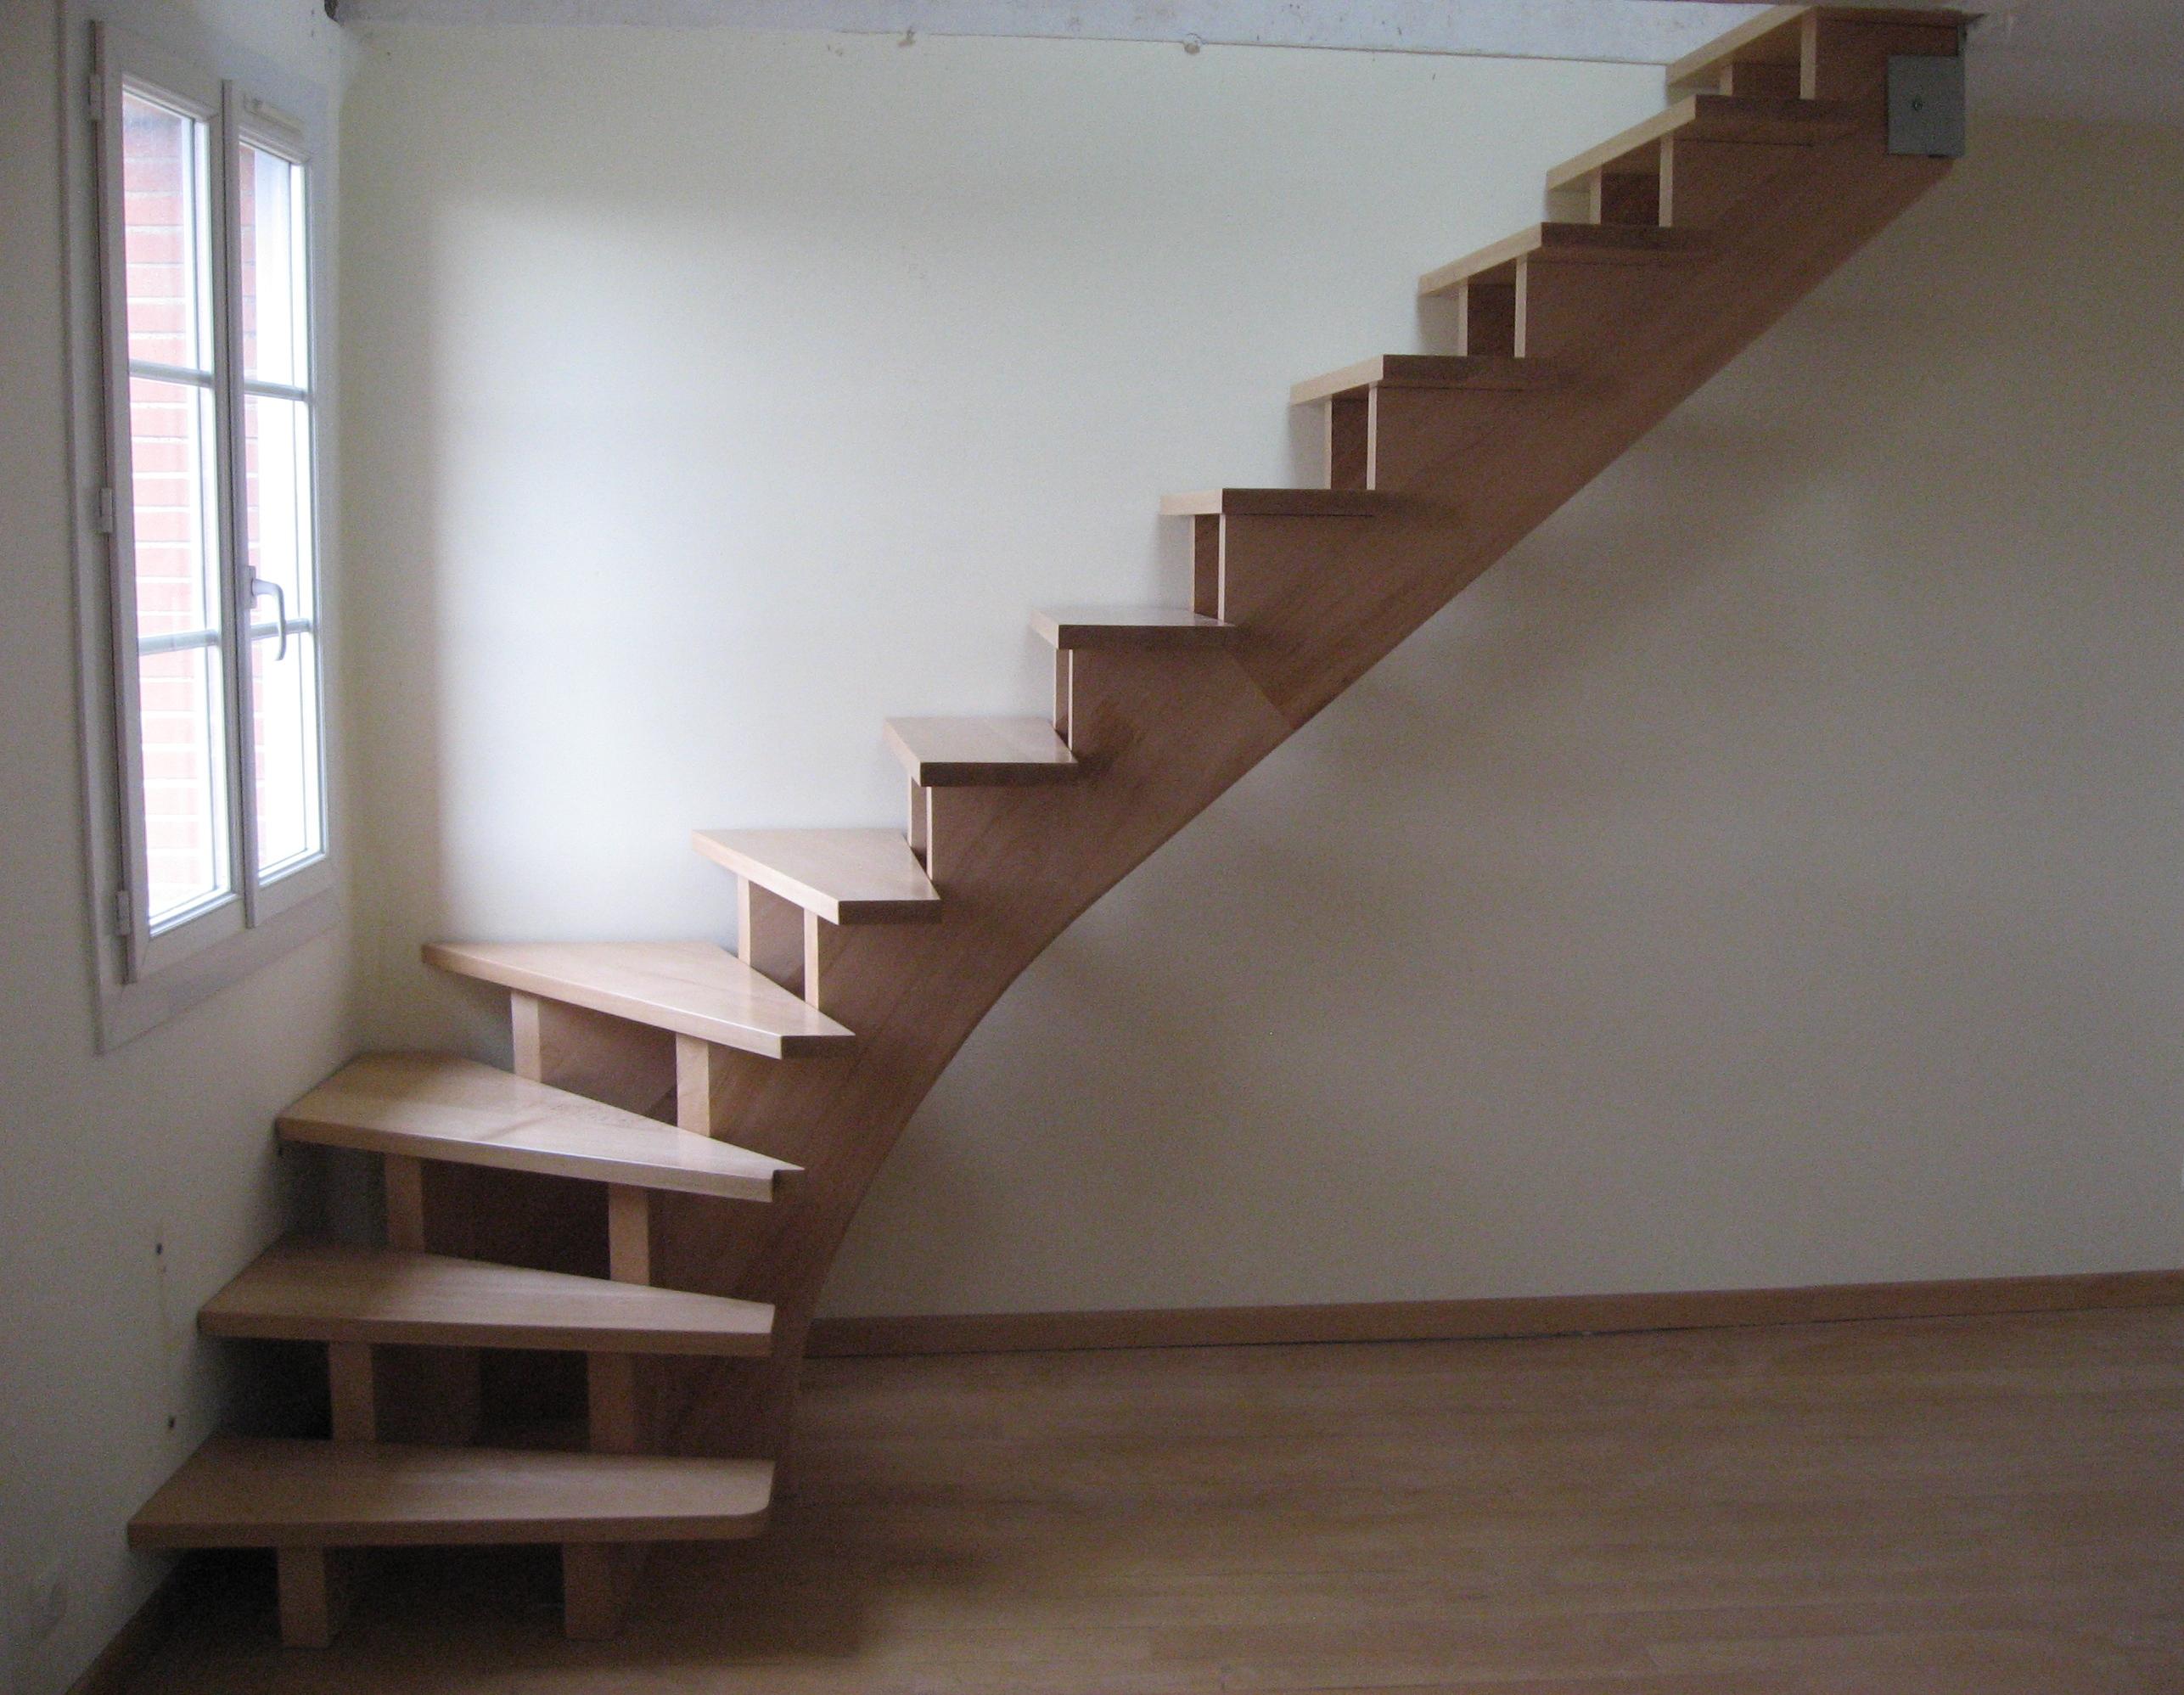 comment fabriquer un escalier d 39 ext rieur en bois of fabriquer un escalier exterieur en bois. Black Bedroom Furniture Sets. Home Design Ideas